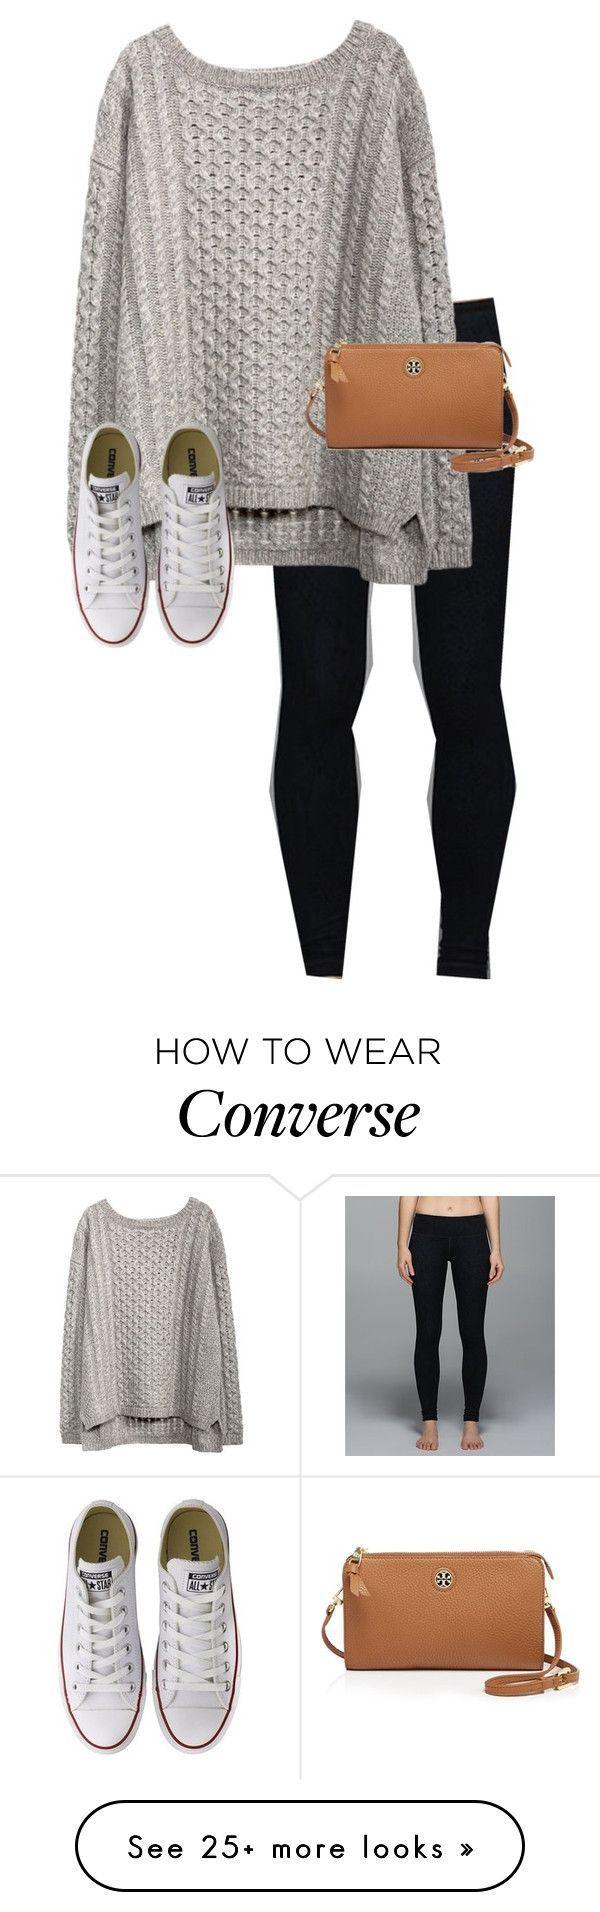 Comprar y vender ropa http   ideas-dinero.com ganar-dinero-en -internet-gracias-a-la-compra-y-venta  06871cd2f3f